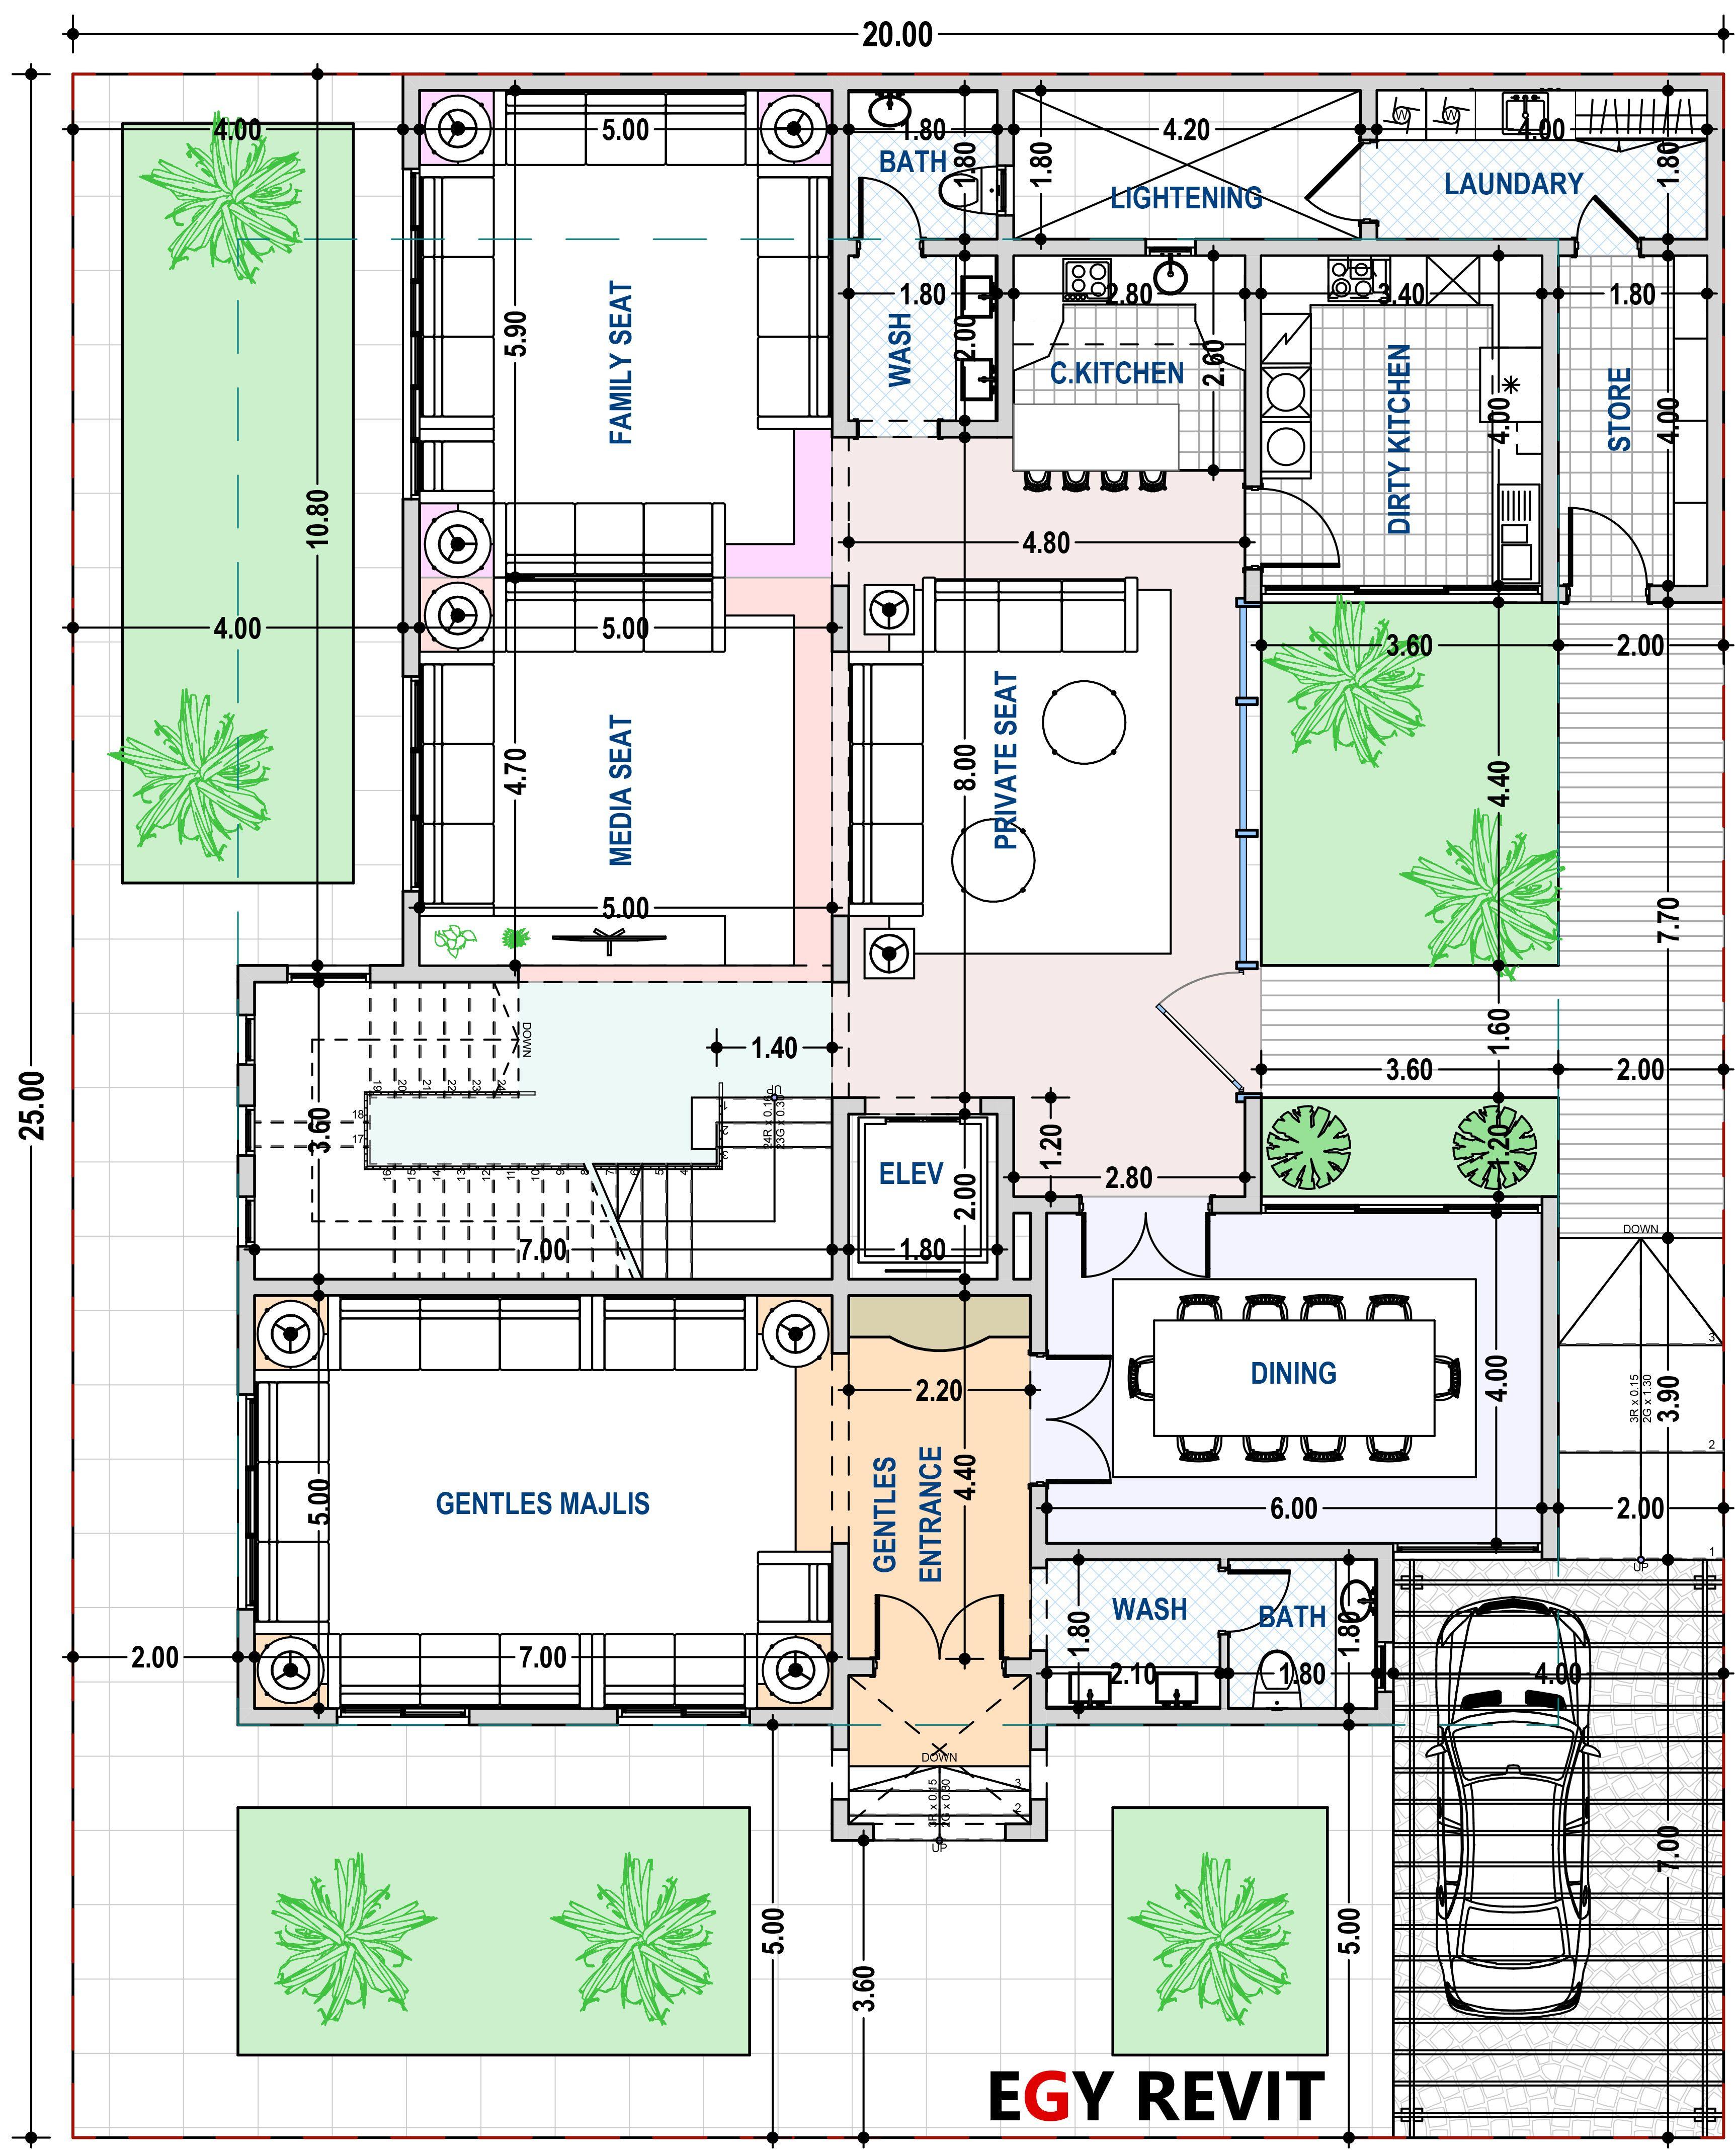 تصميم فيلا دور ارضي ٢٠ في ٢٥ على شارع واحد Free House Plans My House Plans Modern House Plans